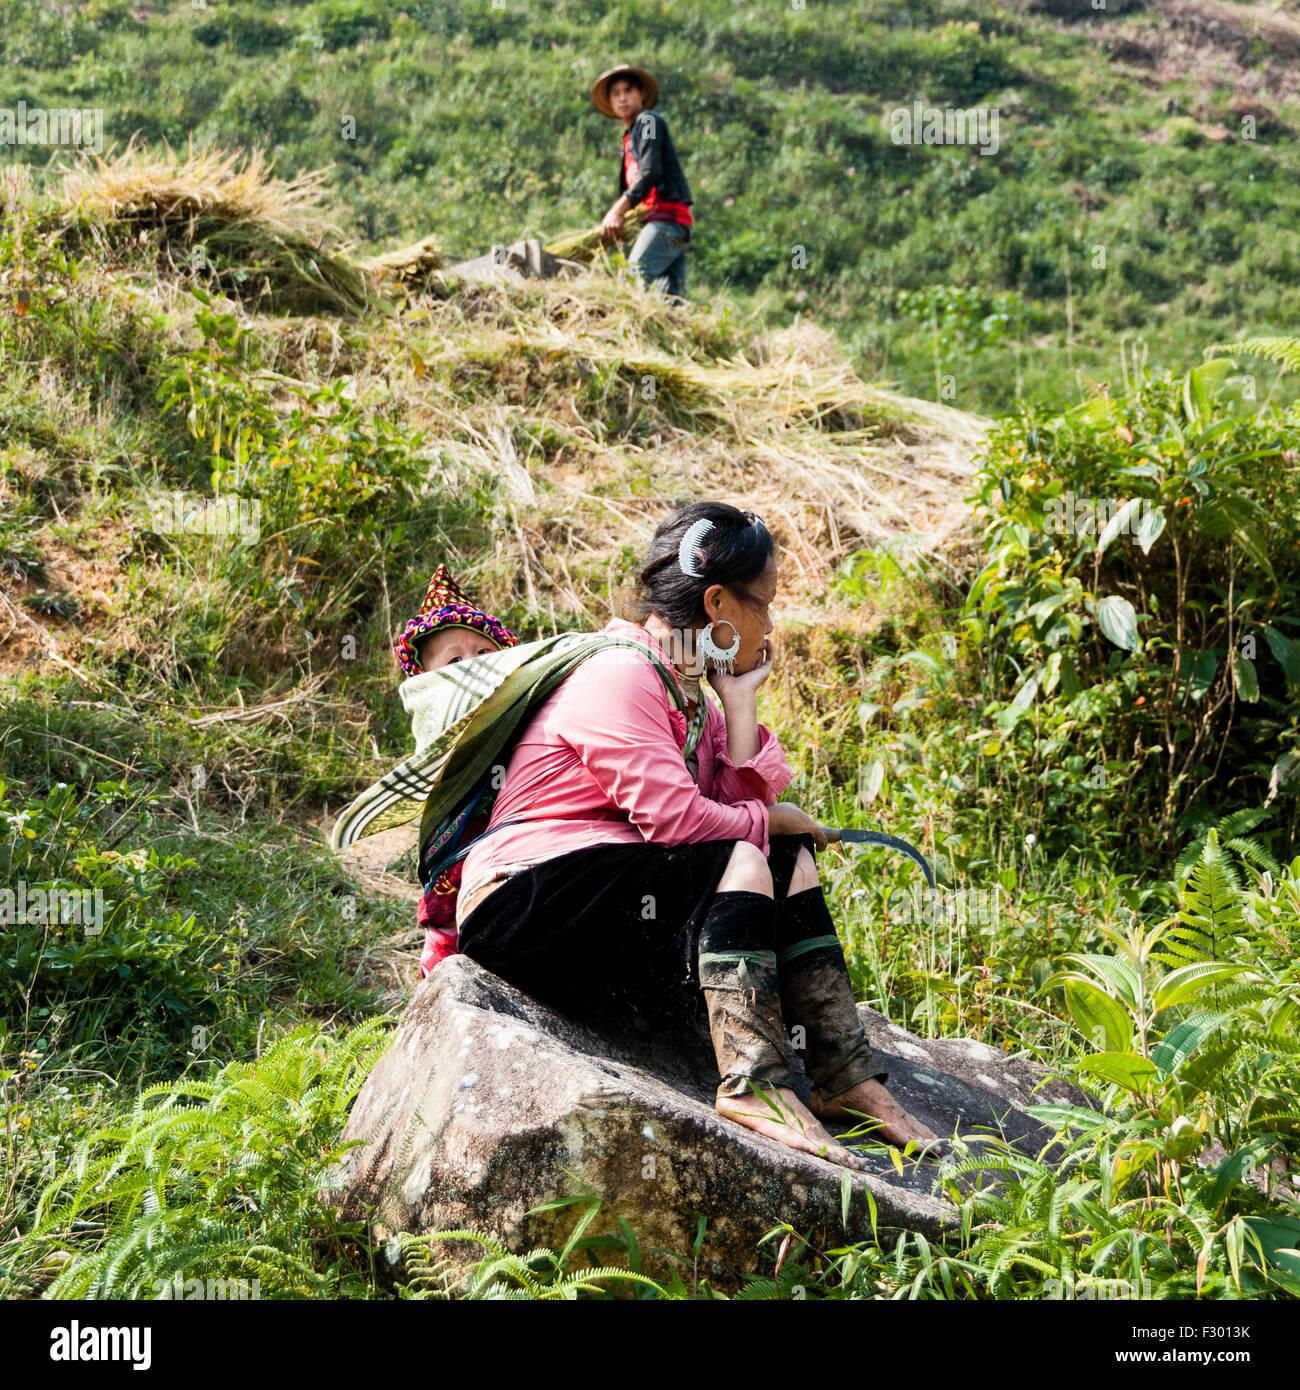 People working around Sapa area, Vietnam - Stock Image